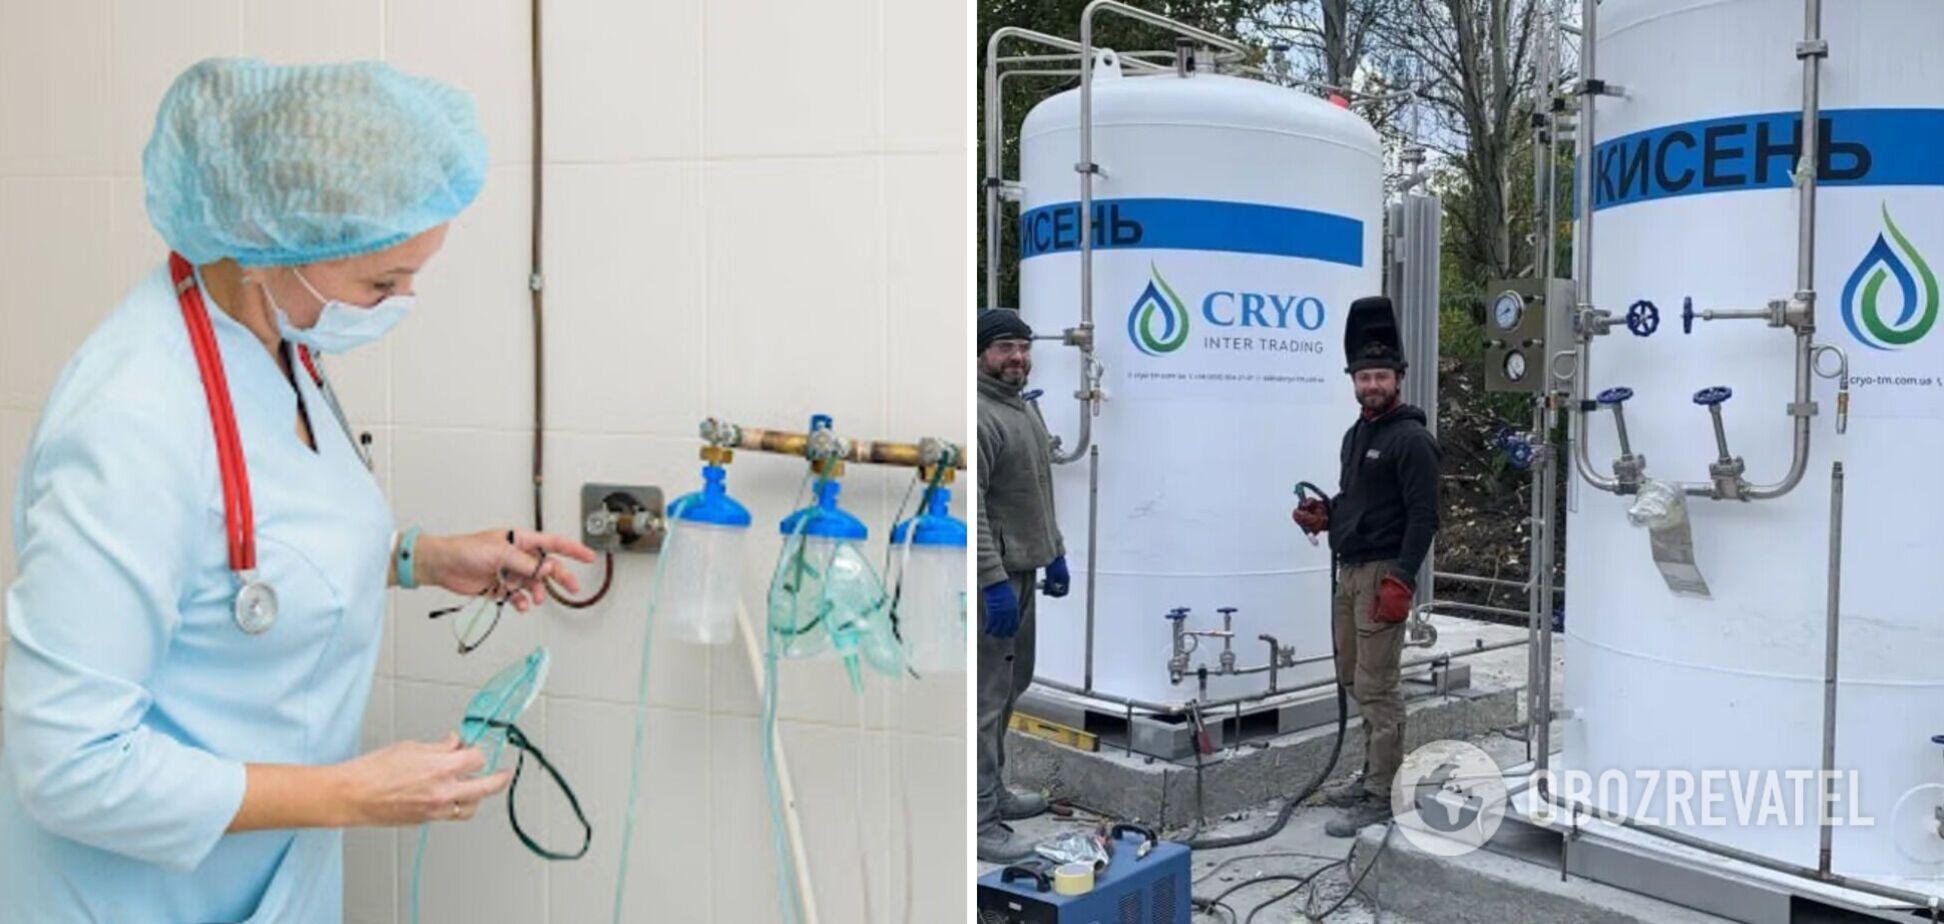 Метинвест будет бесплатно поставлять кислород для больных COVID-19 еще в две области